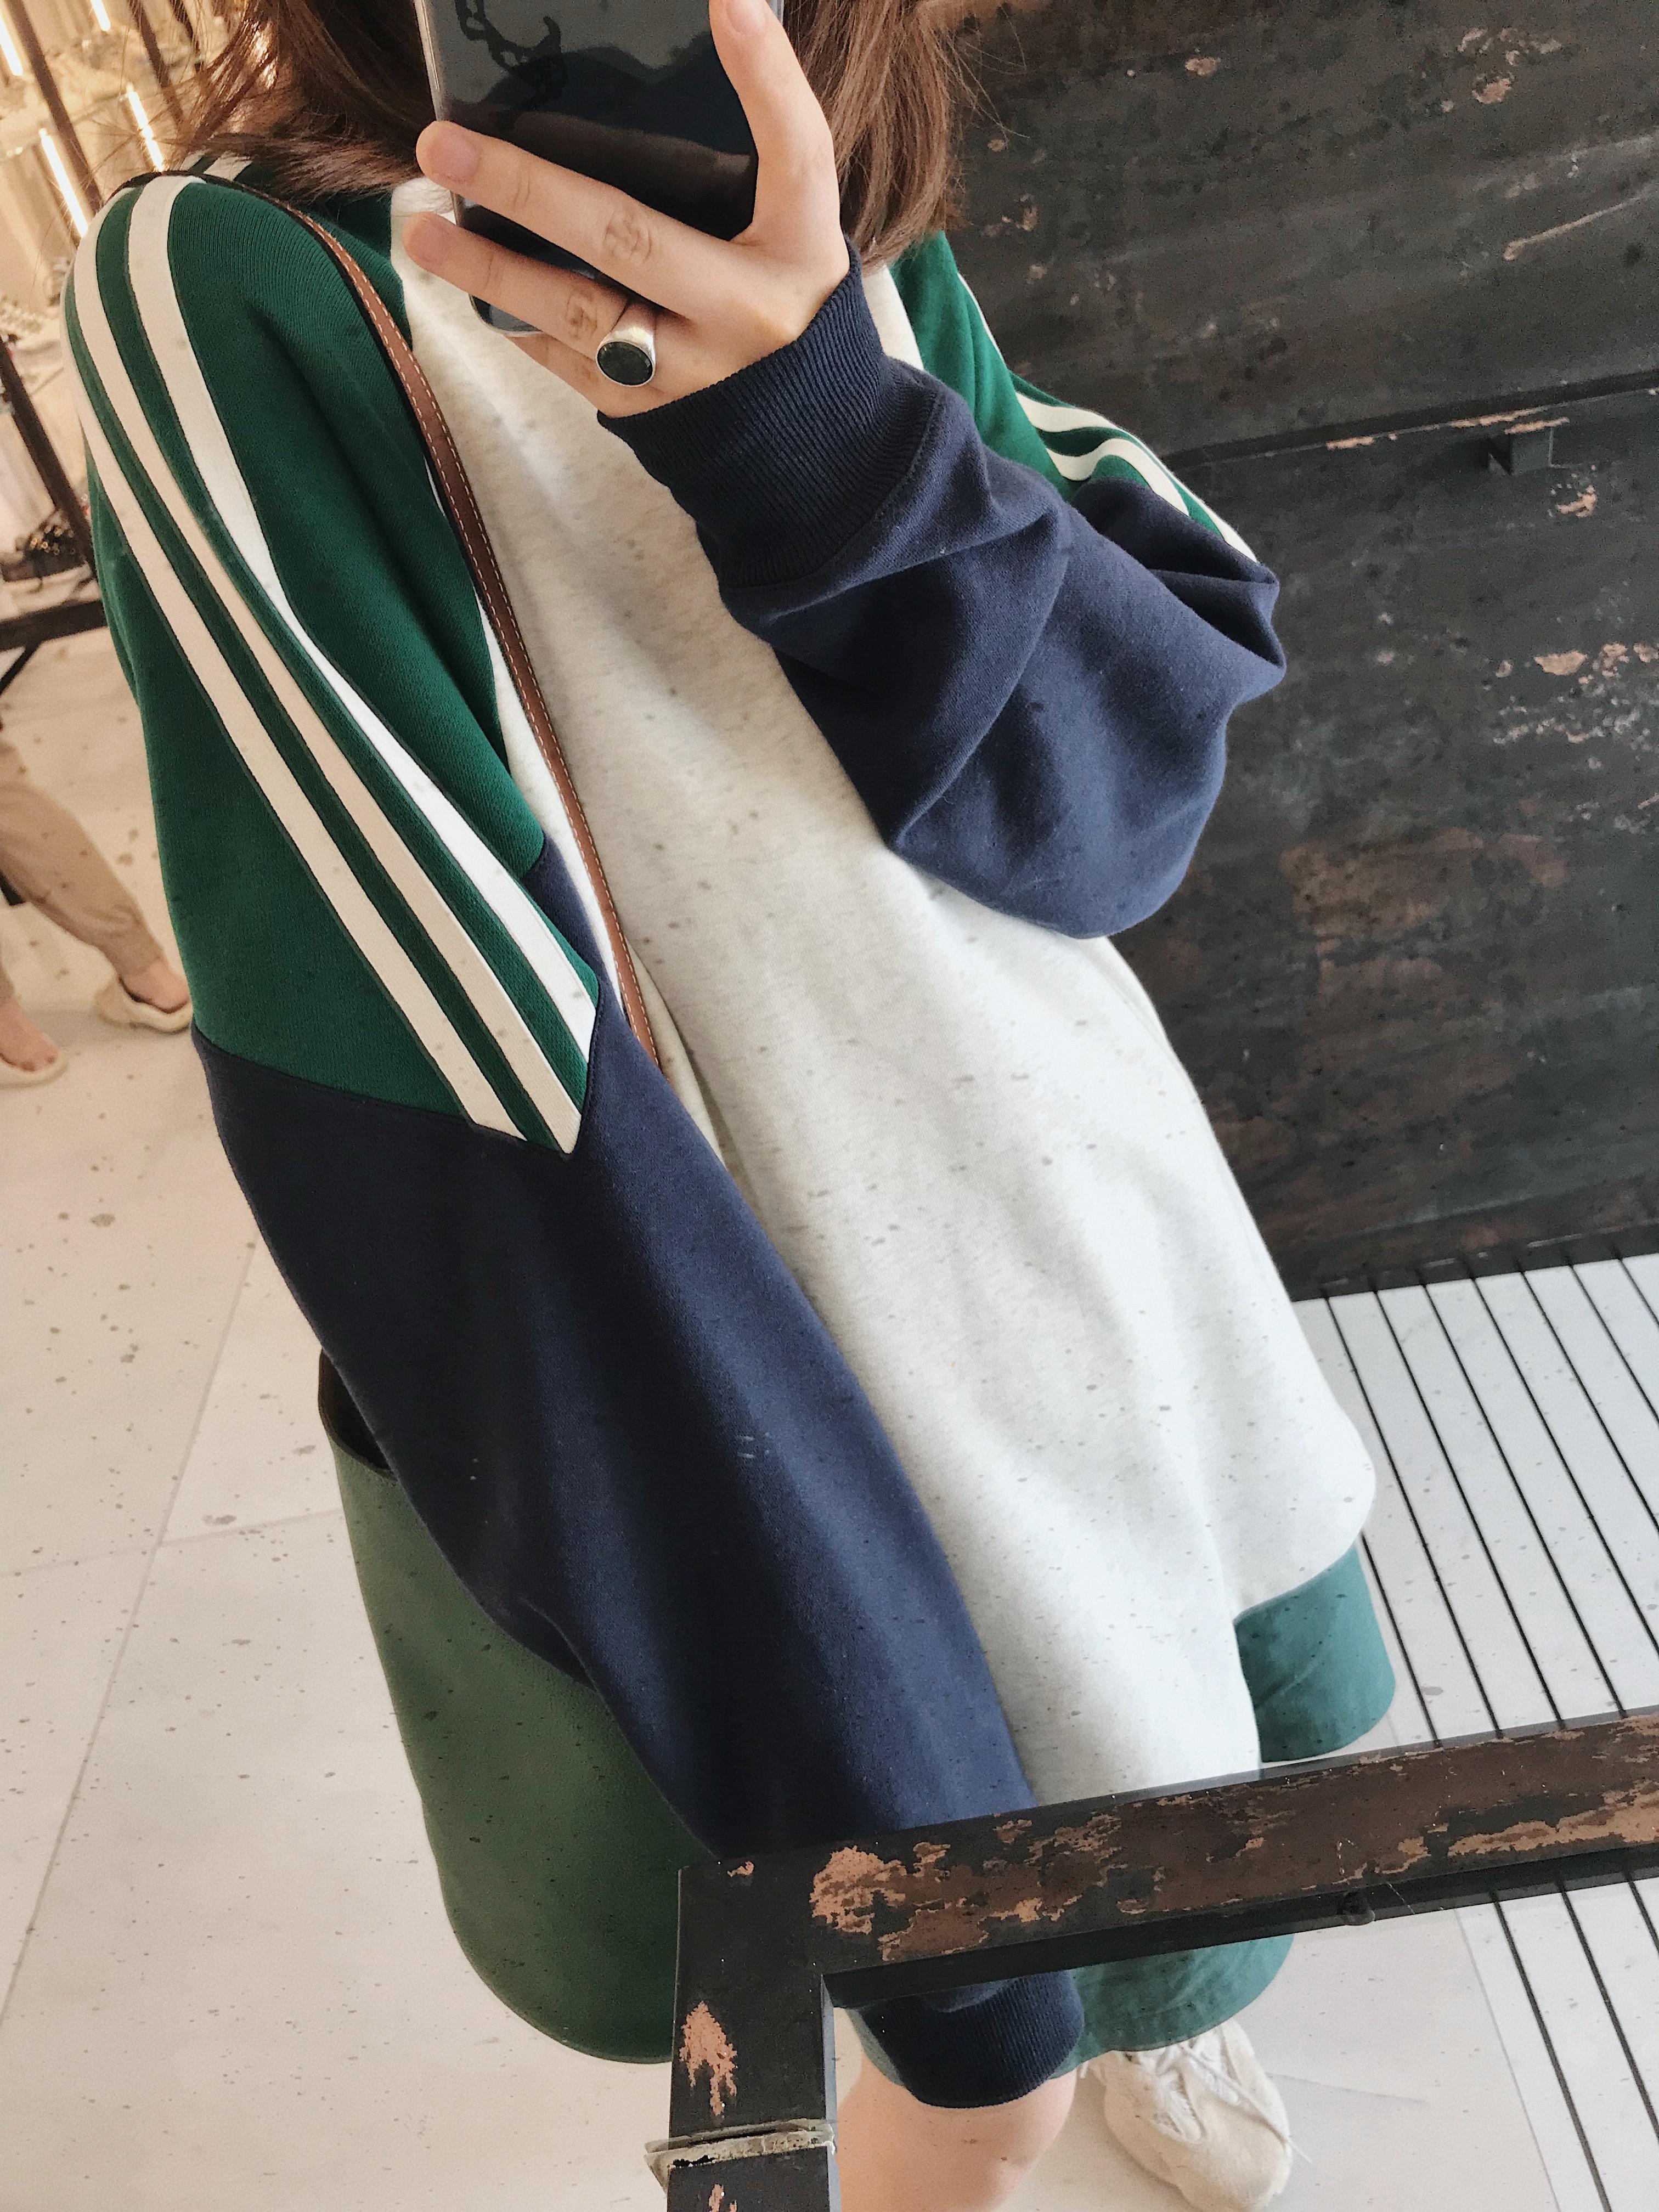 2018新款港味拼色插肩袖套头卫衣女春秋长袖韩版宽松连帽上衣外套